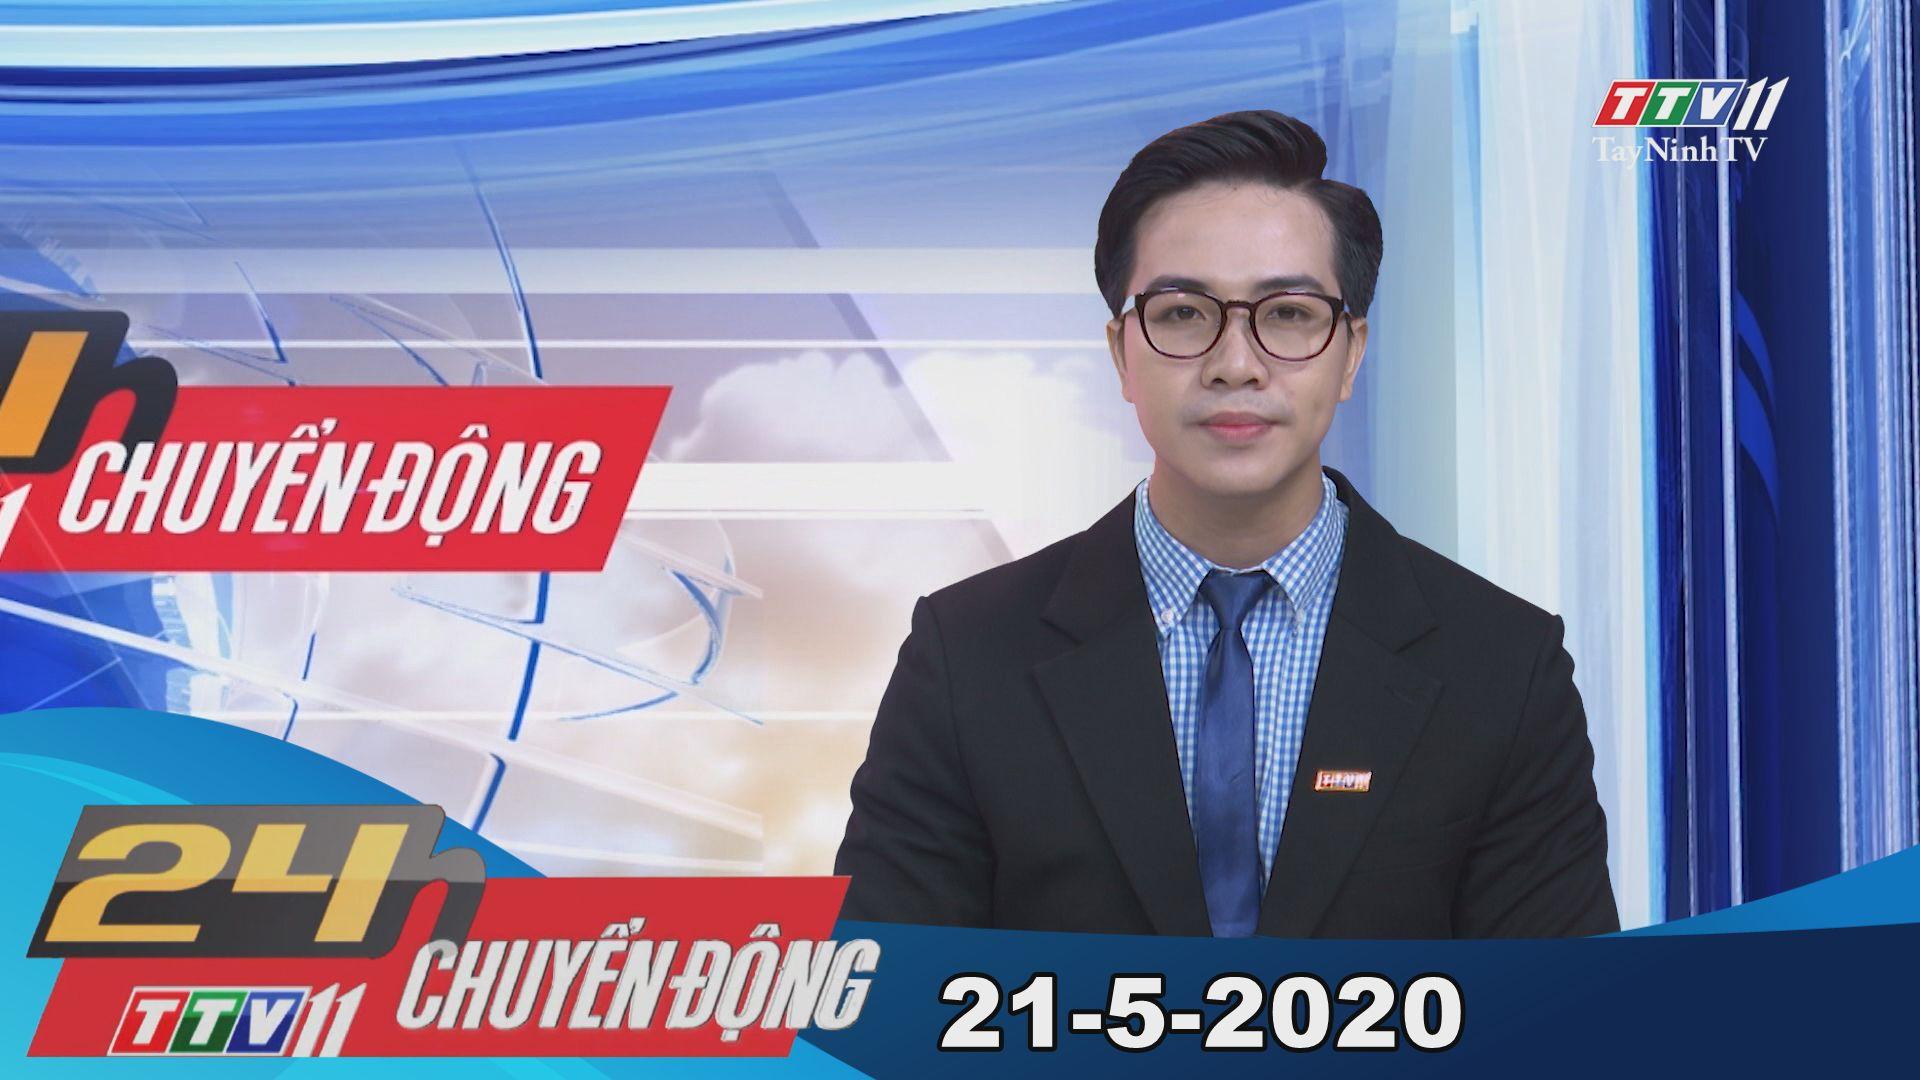 24h Chuyển động 21-5-2020 | Tin tức hôm nay | TayNinhTV